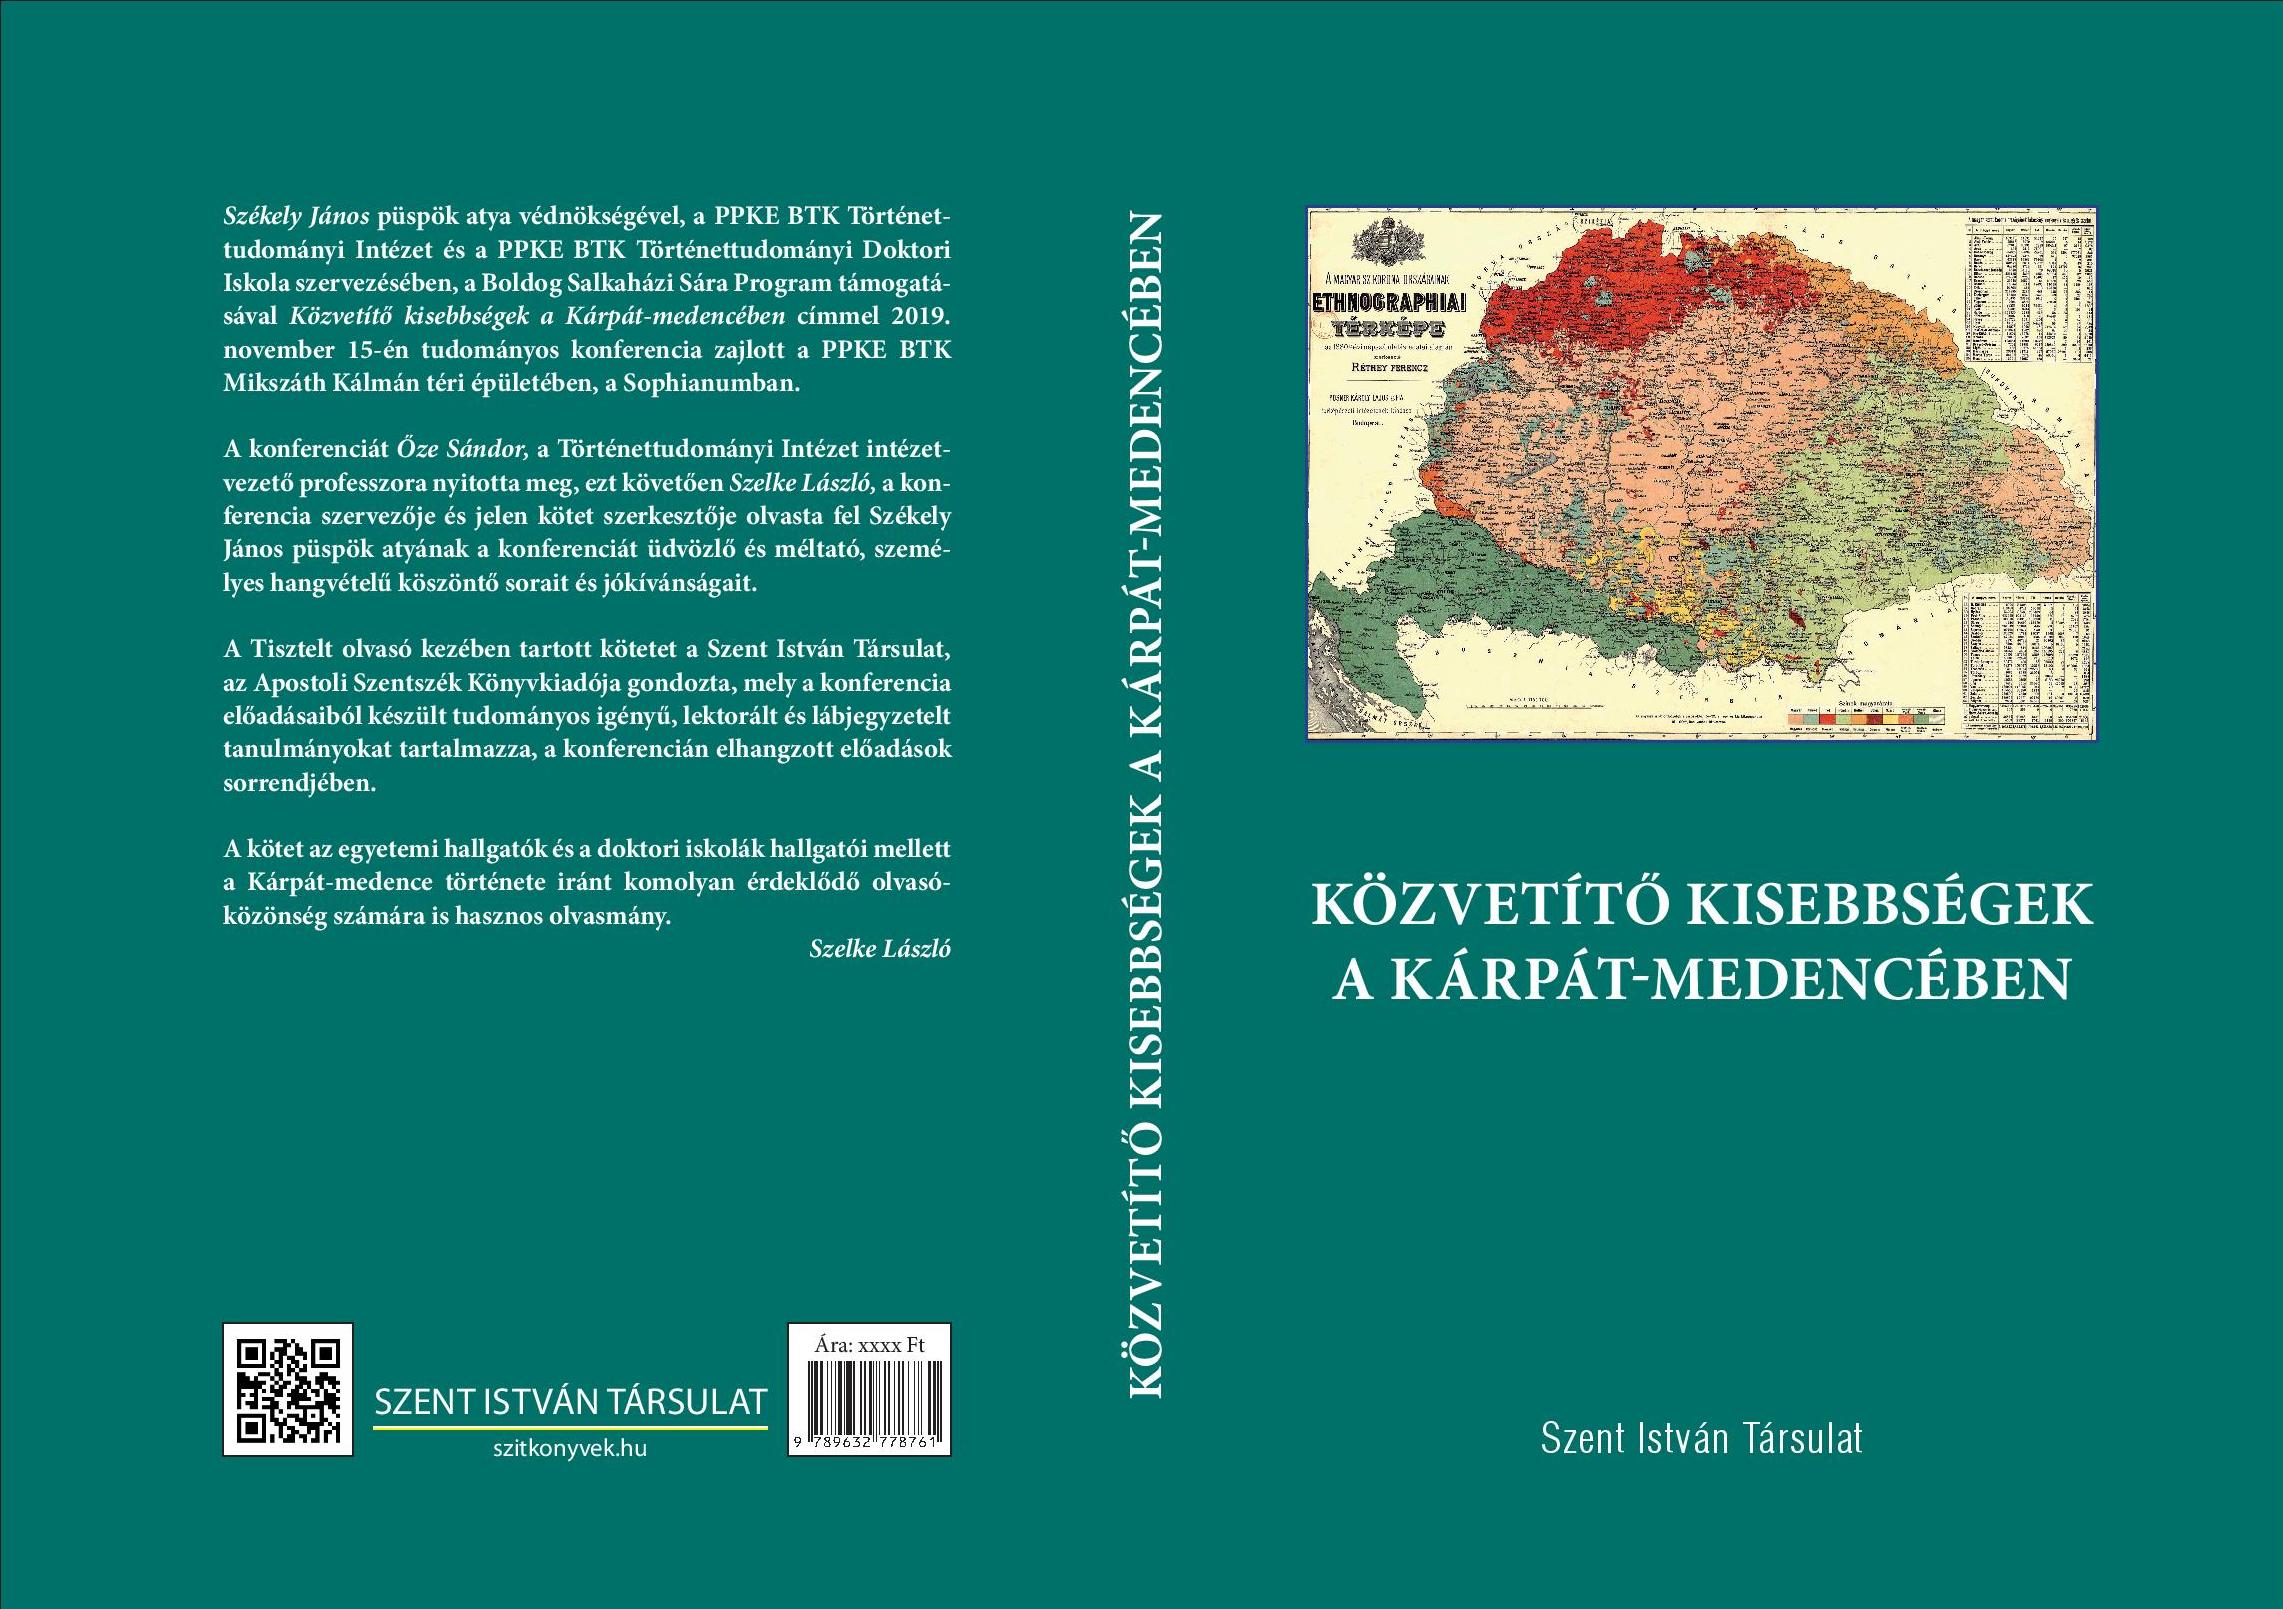 Szelke László (szerk.): Közvetítő kisebbségek a Kárpát-medencében. Szent István Társulat, Budapest, 2020.